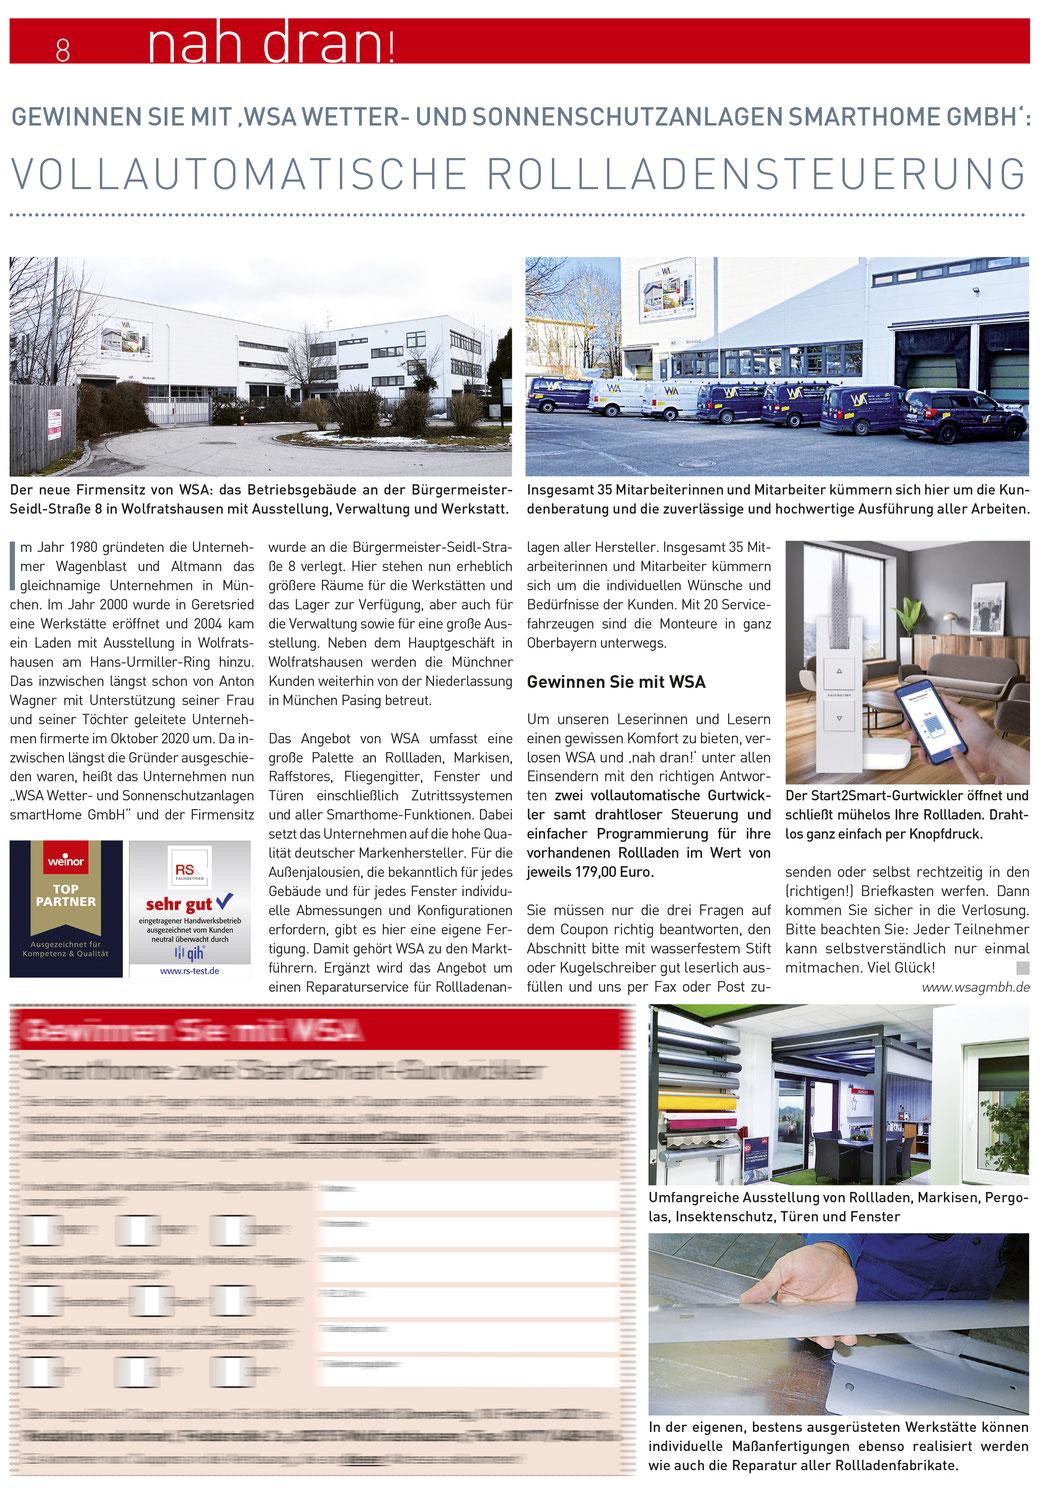 """Pressetext im """"nah dran"""" bei Münchner Merkur, 02/2021"""